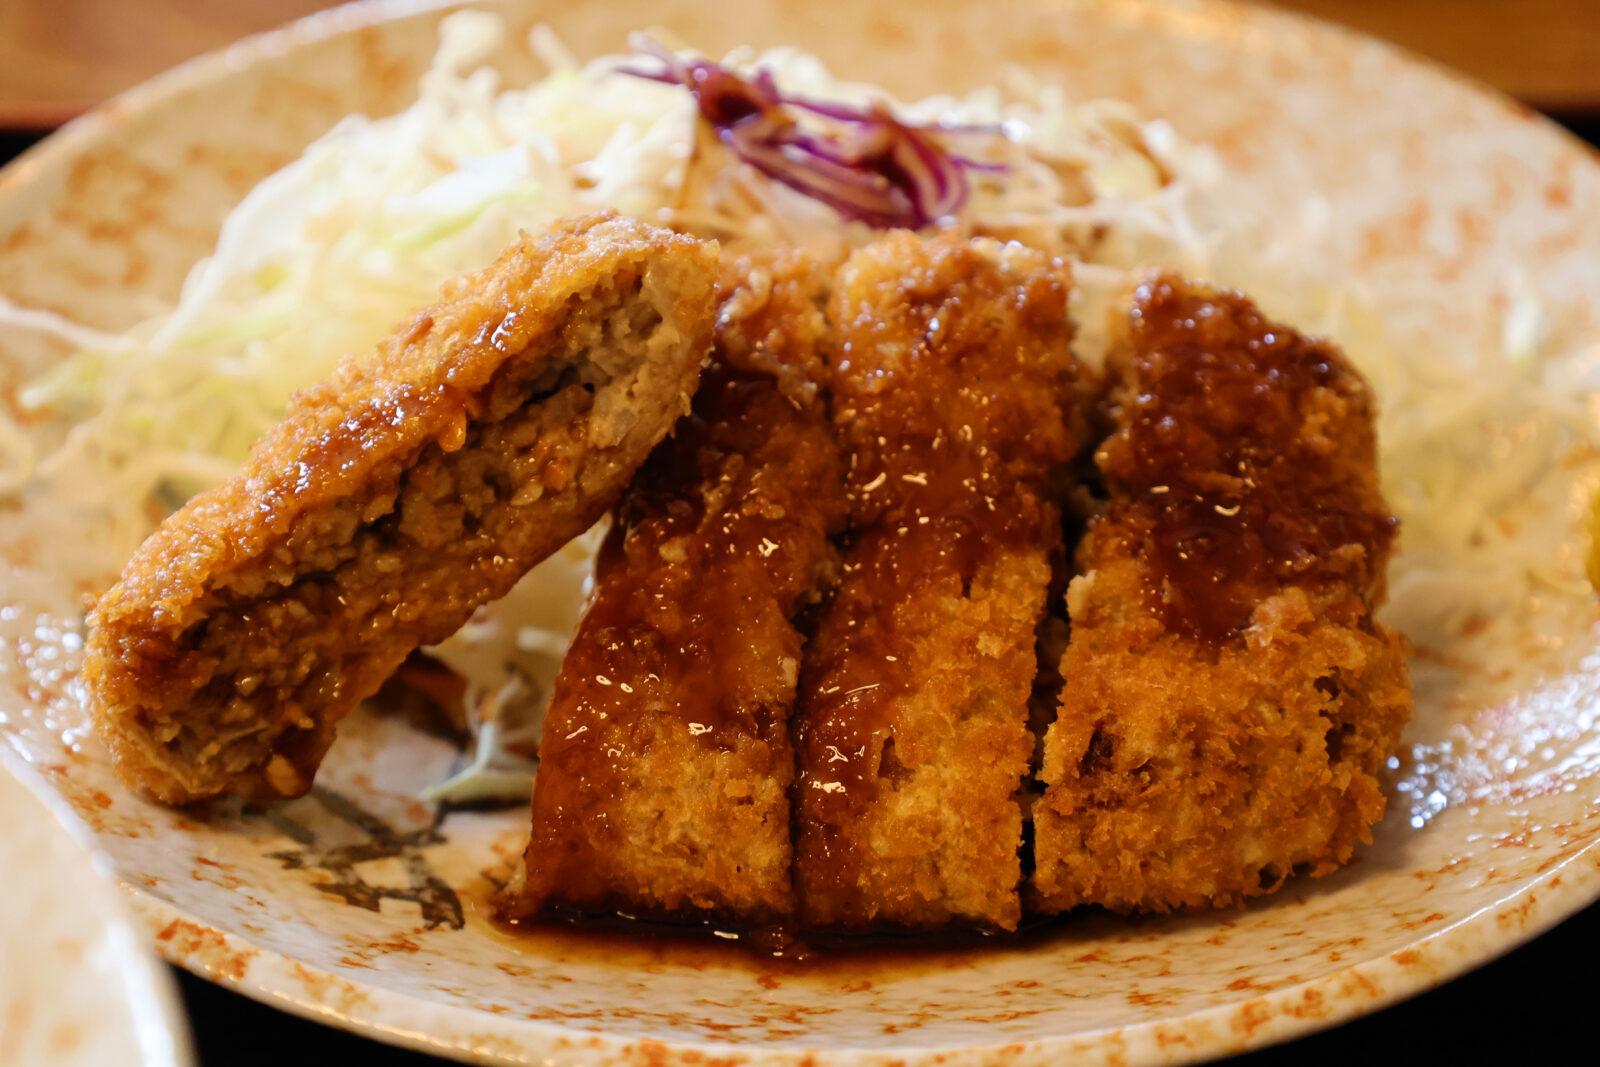 美味い!千歳「柳ばし」で揚げたての絶品メンチカツ定食を食べよう